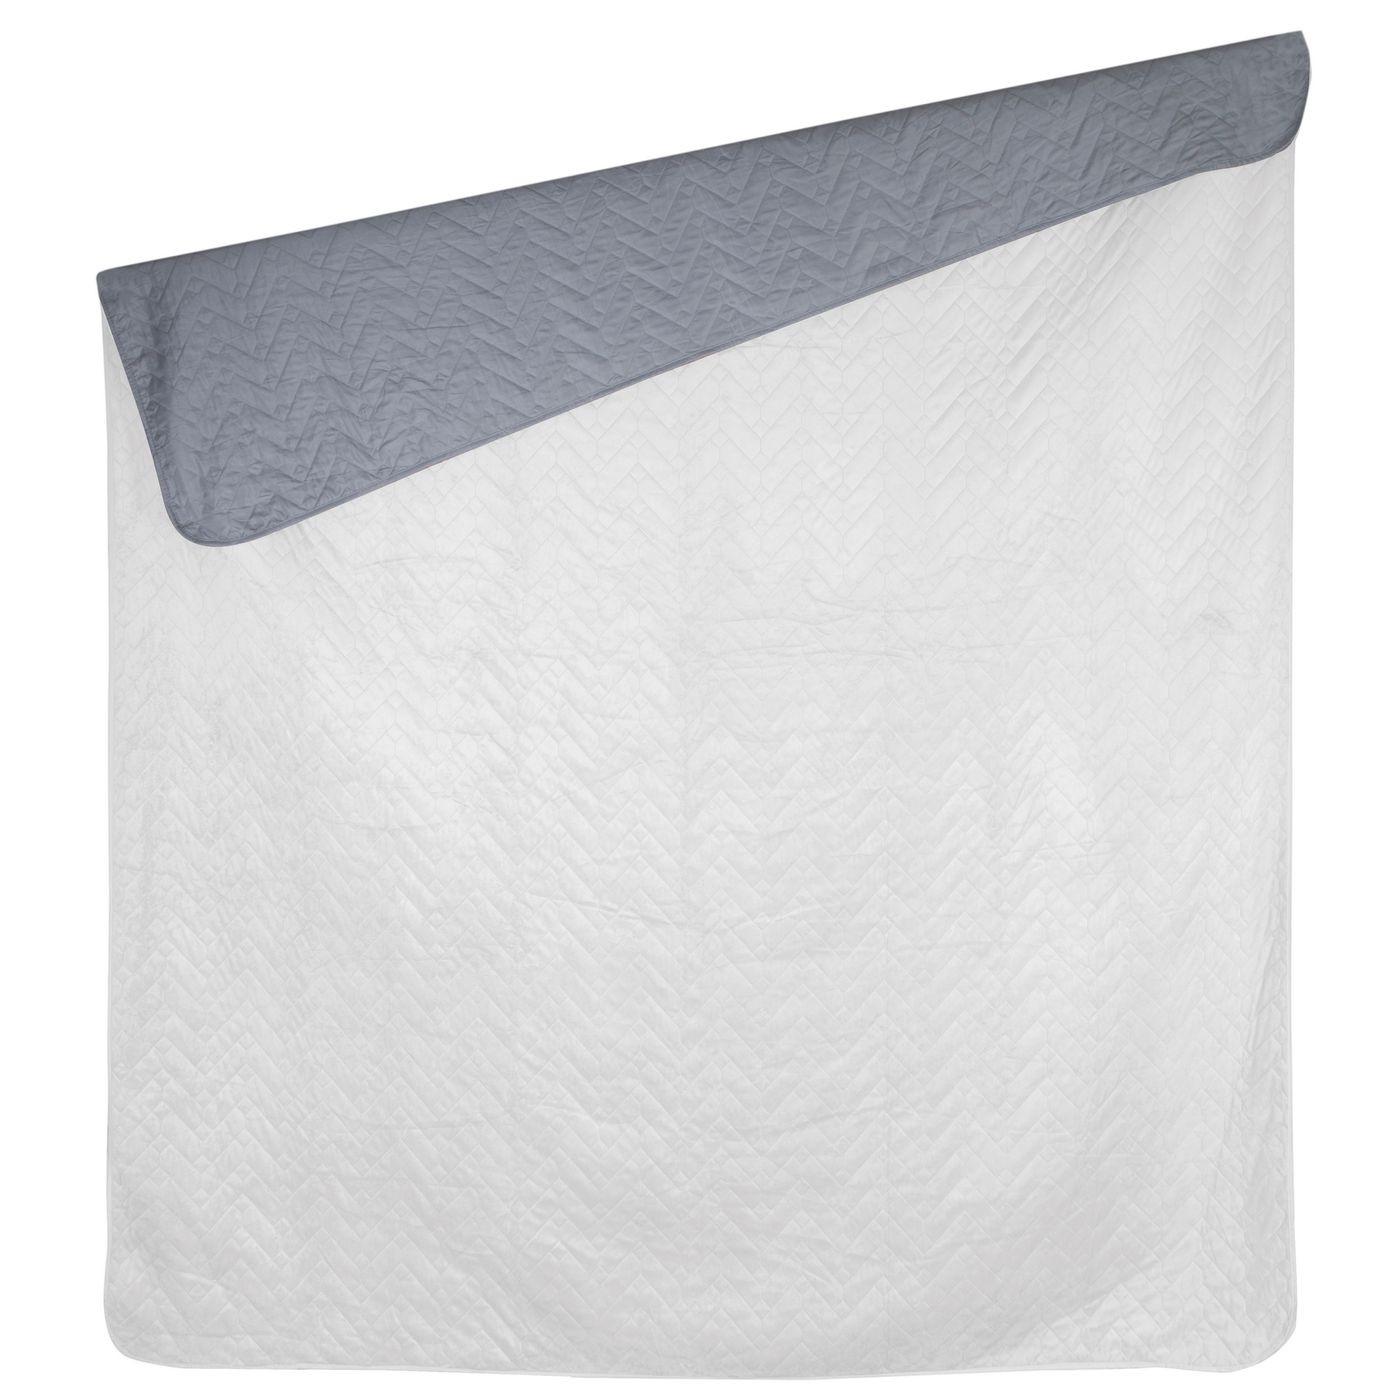 Narzuta welurowa dwustronna termozgrzewana biały+srebrny 220x240cm